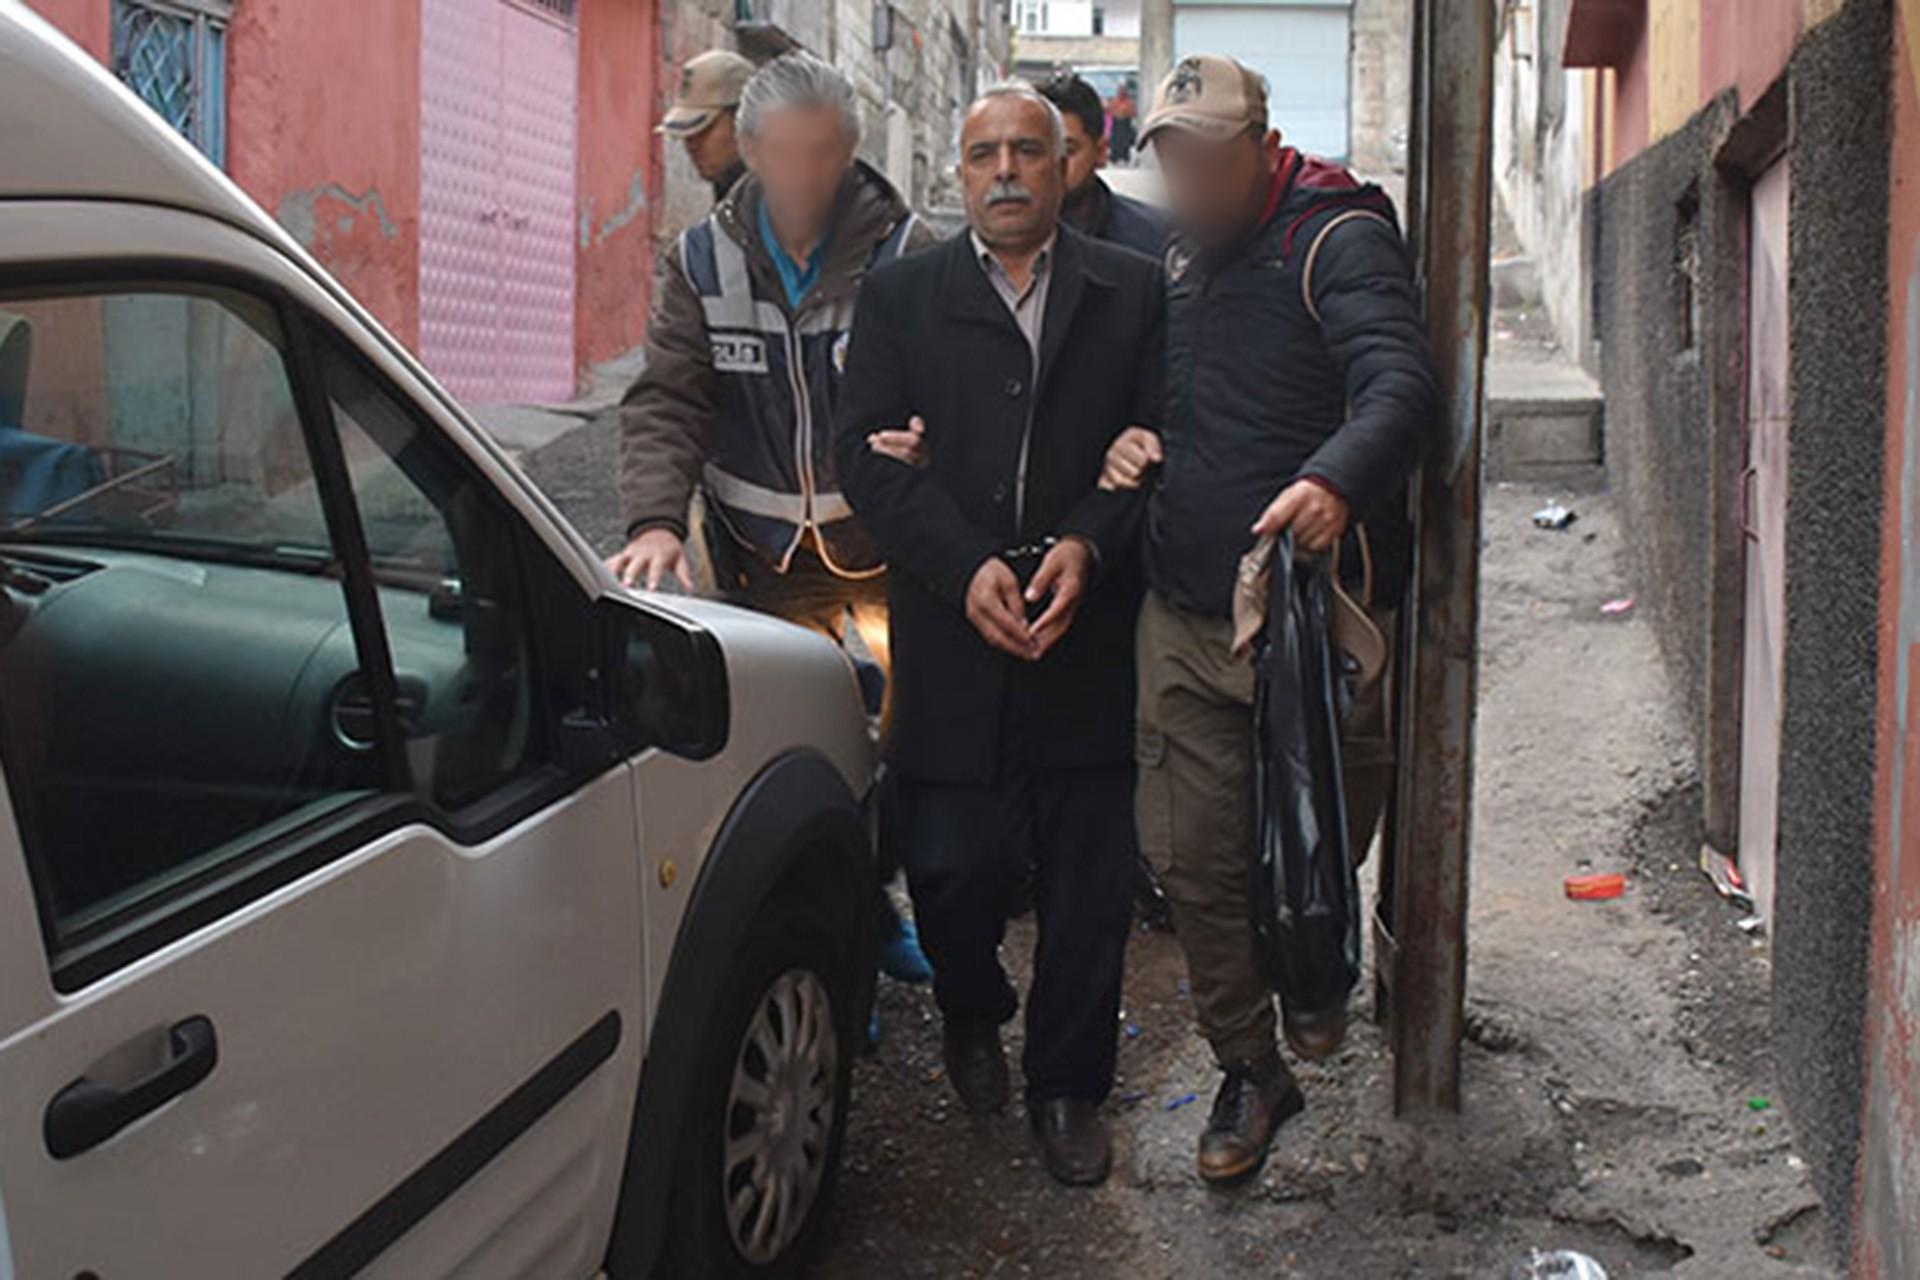 Antep'te İki polis bir kişiyi gözaltına alıyor